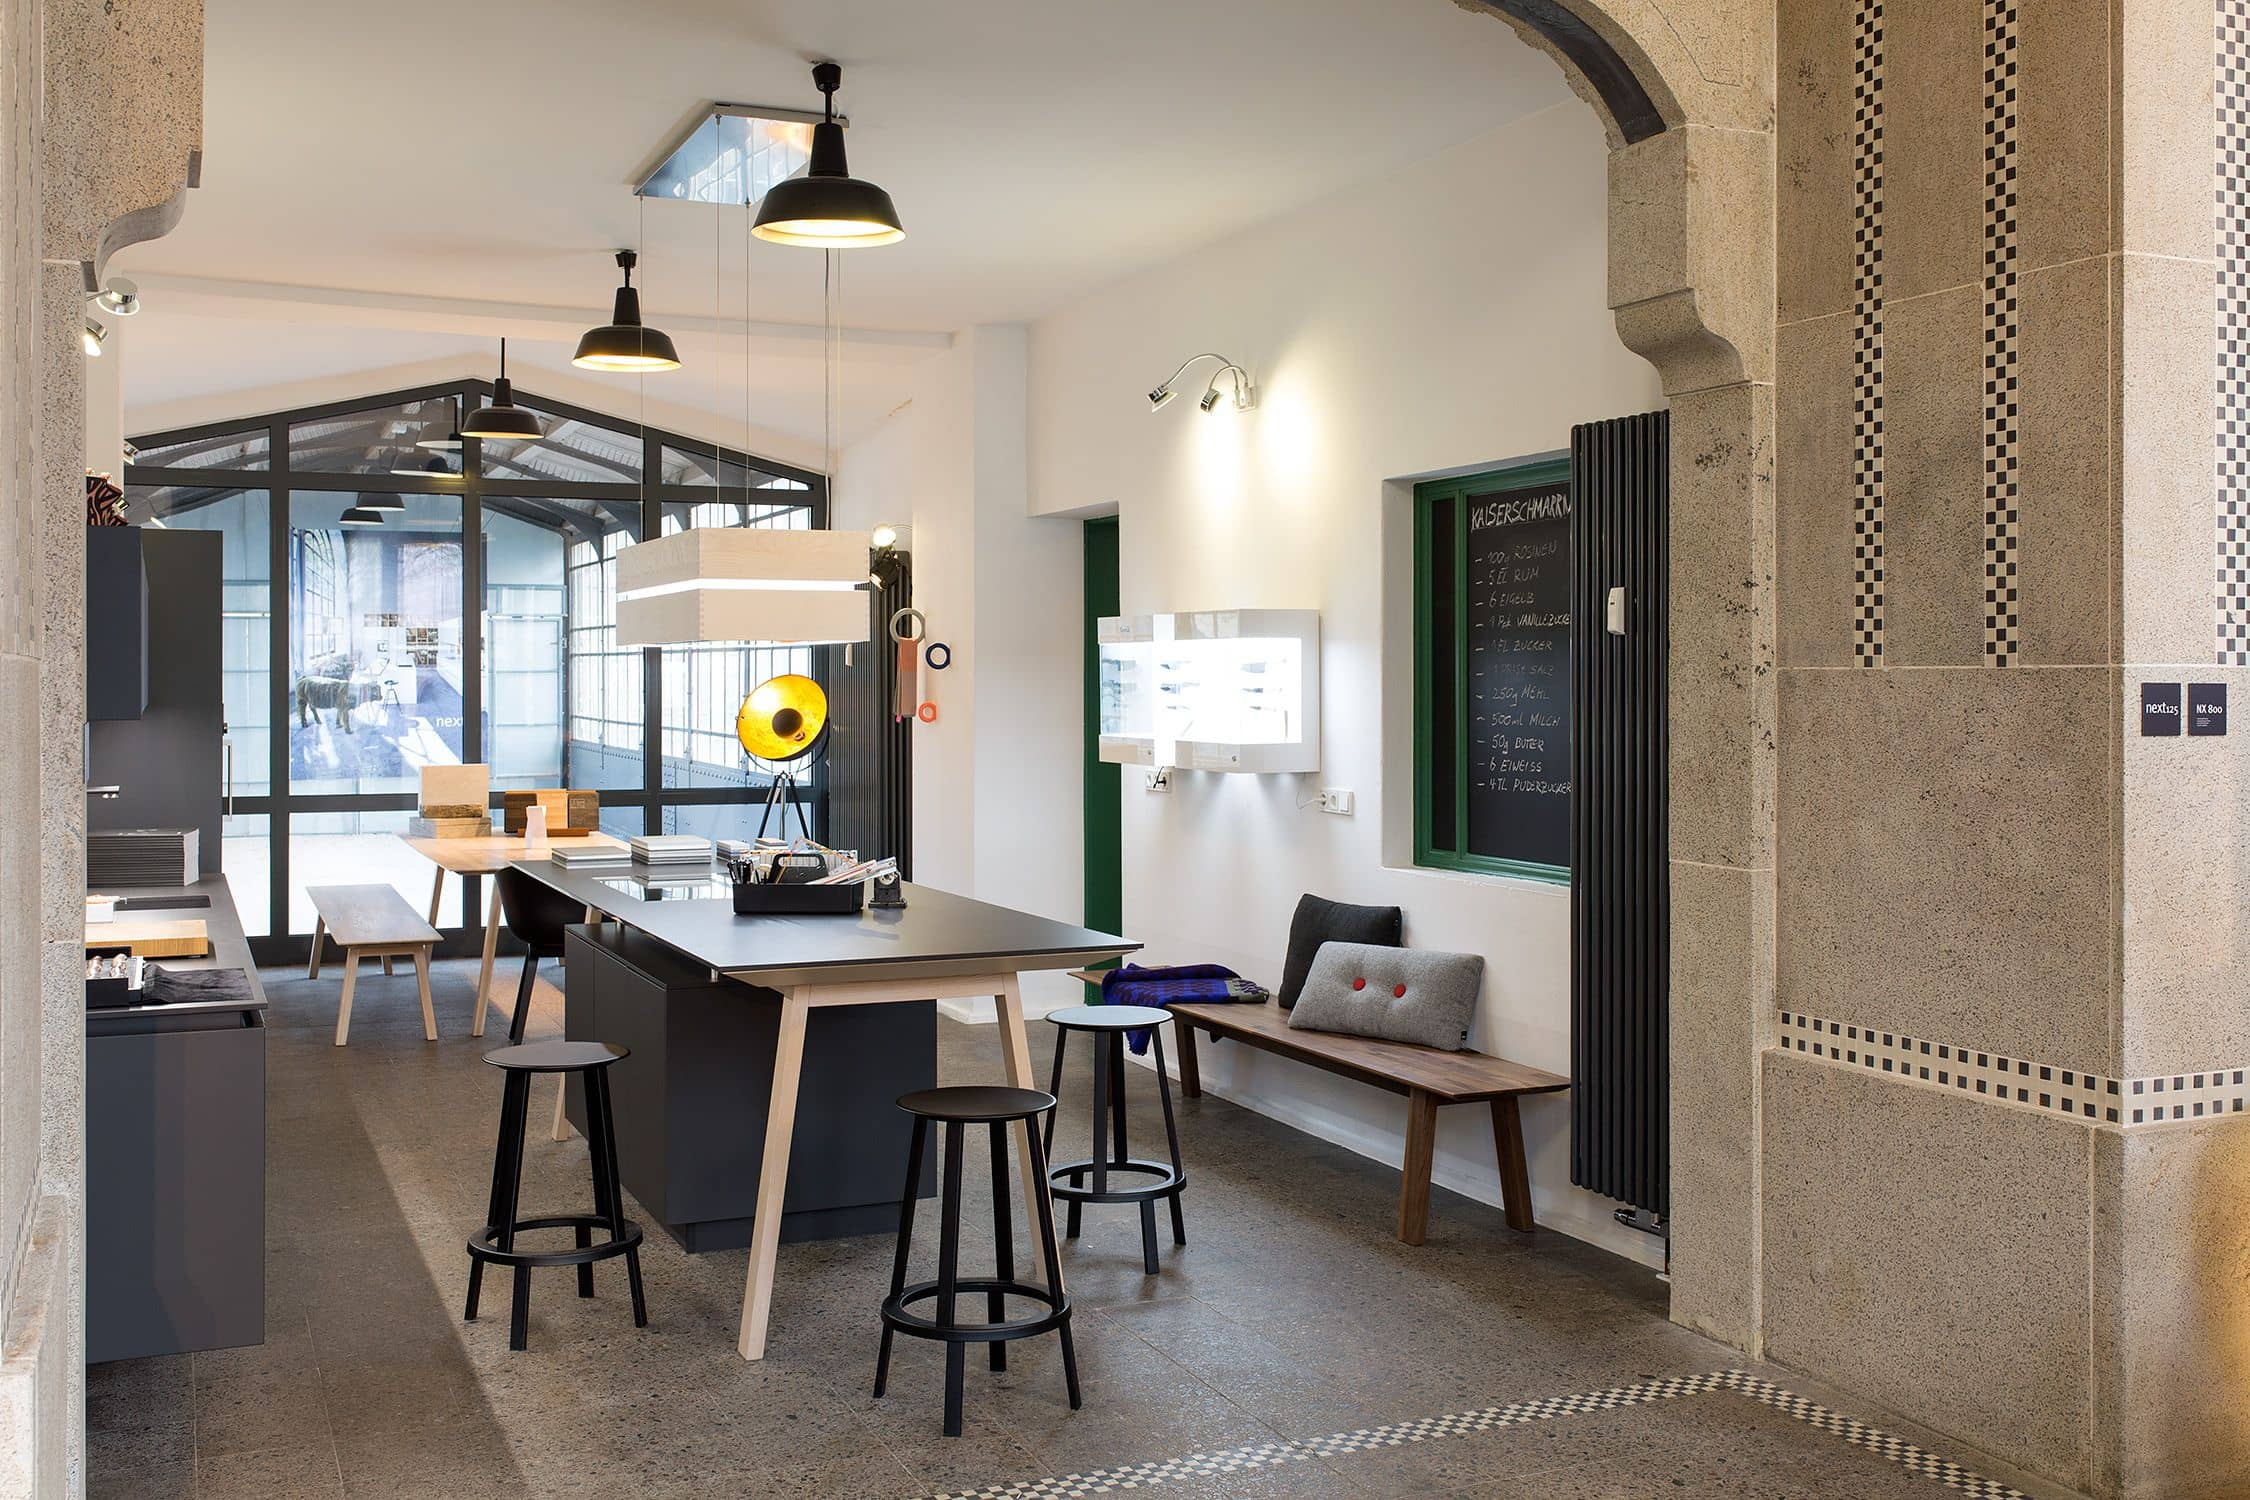 Atemberaubend Küchenschränke Lichtideen Bilder - Ideen Für Die Küche ...